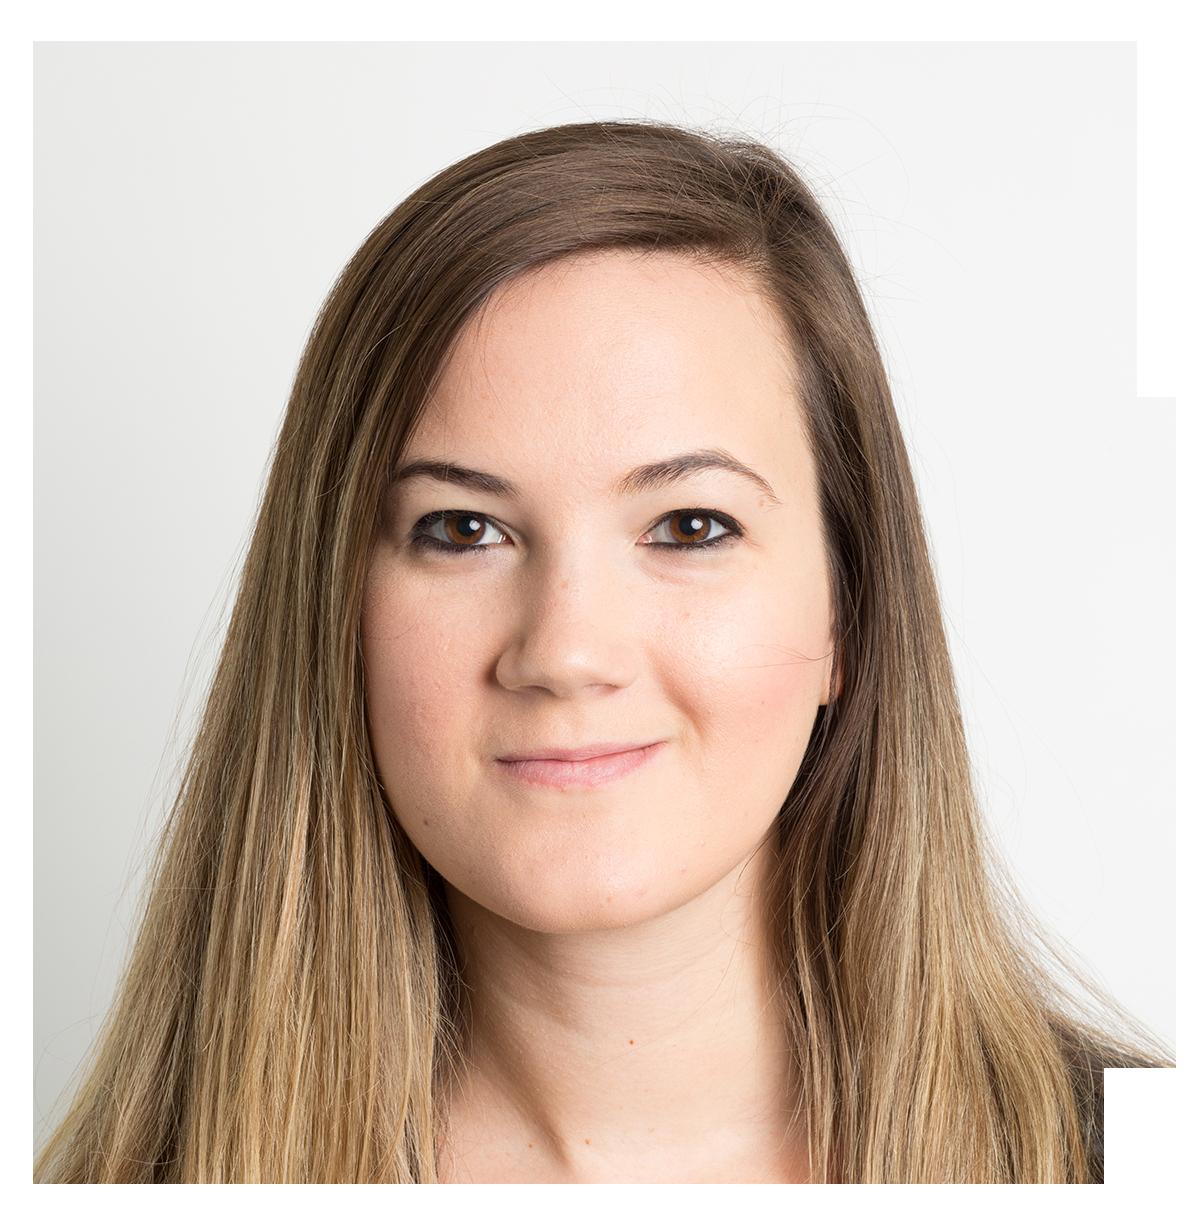 Trello pro tips taught by Lauren Moon of Trello